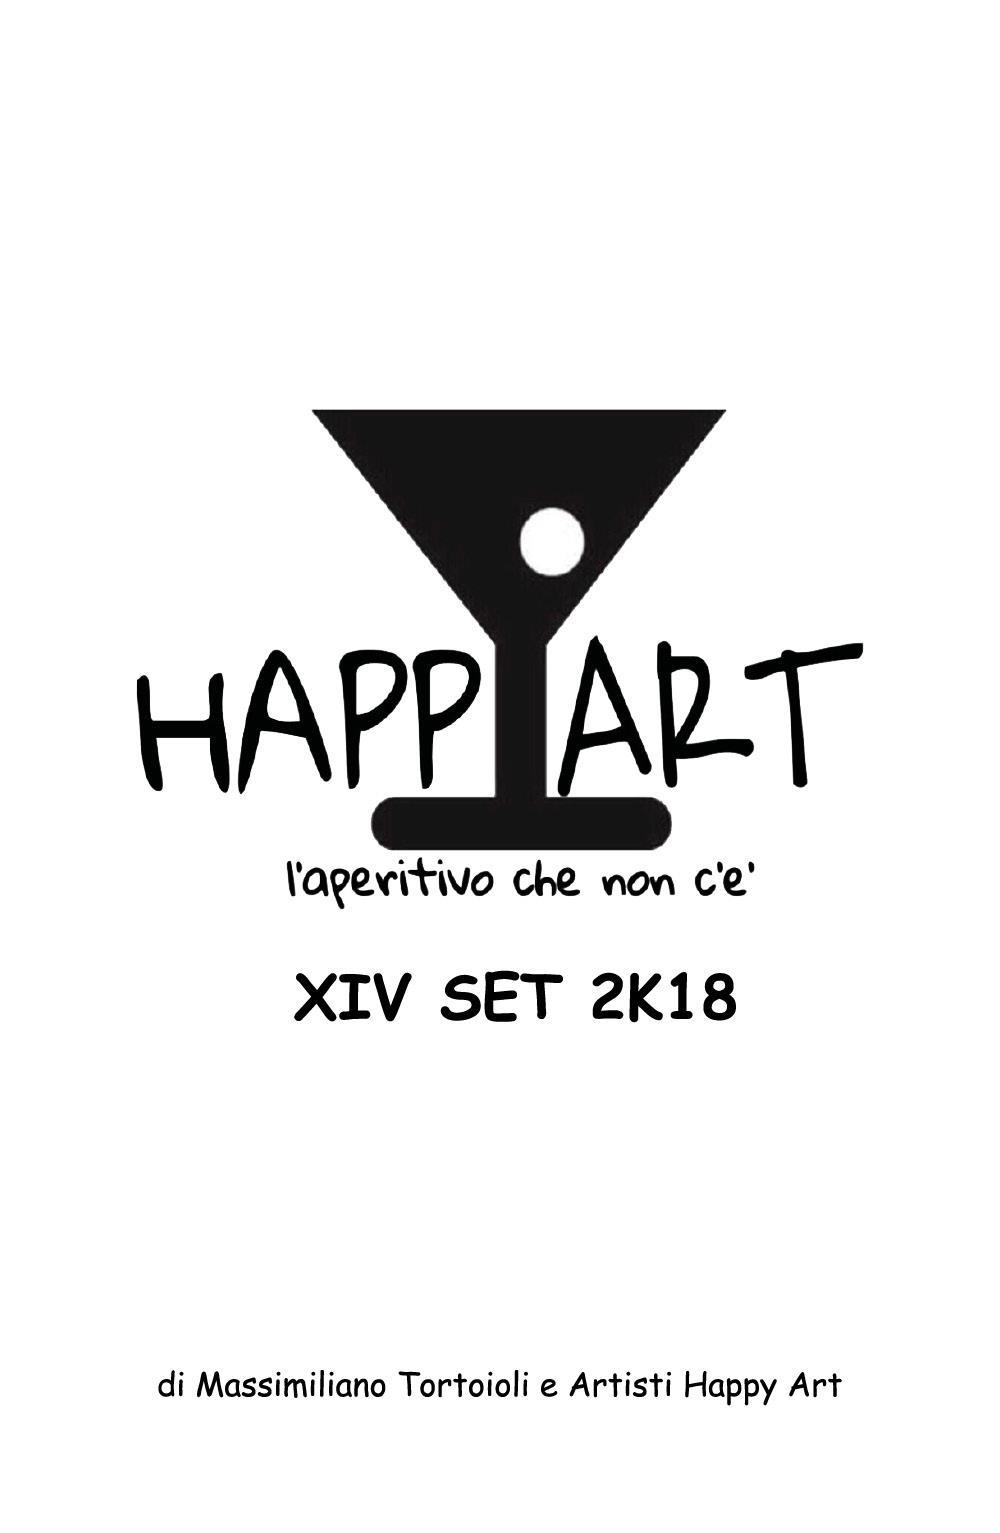 Happy Art l'aperitivo che non c'è XIV SET 2K18